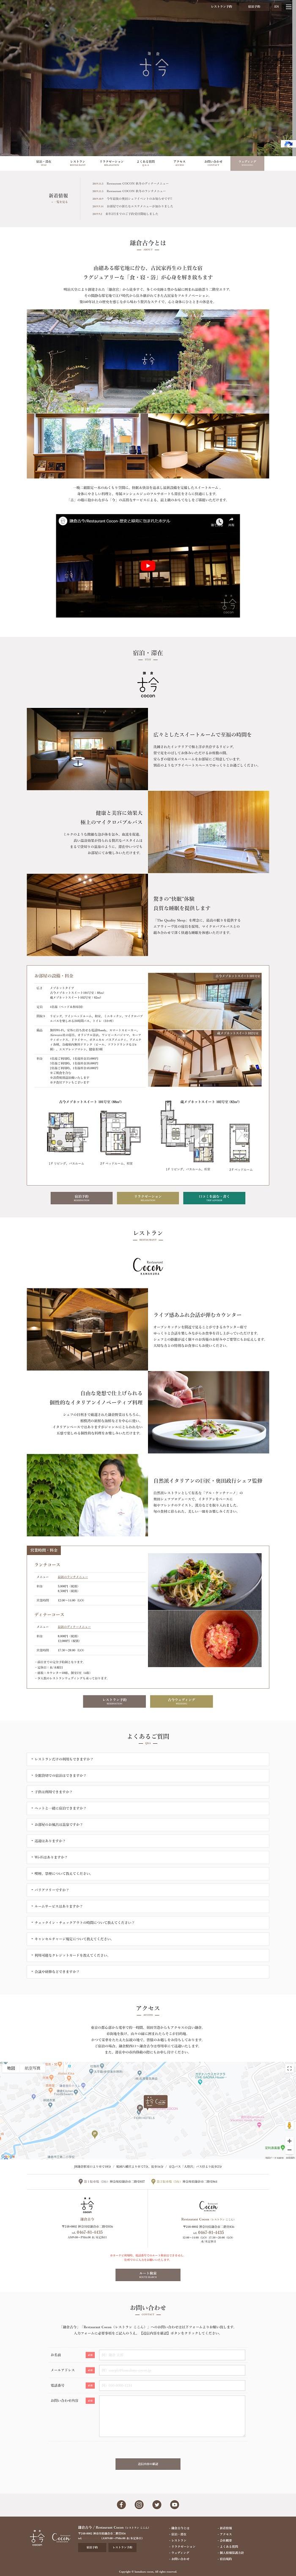 【公式】鎌倉古今/Restaurant Cocon- 歴史と緑苑に包まれたホテル